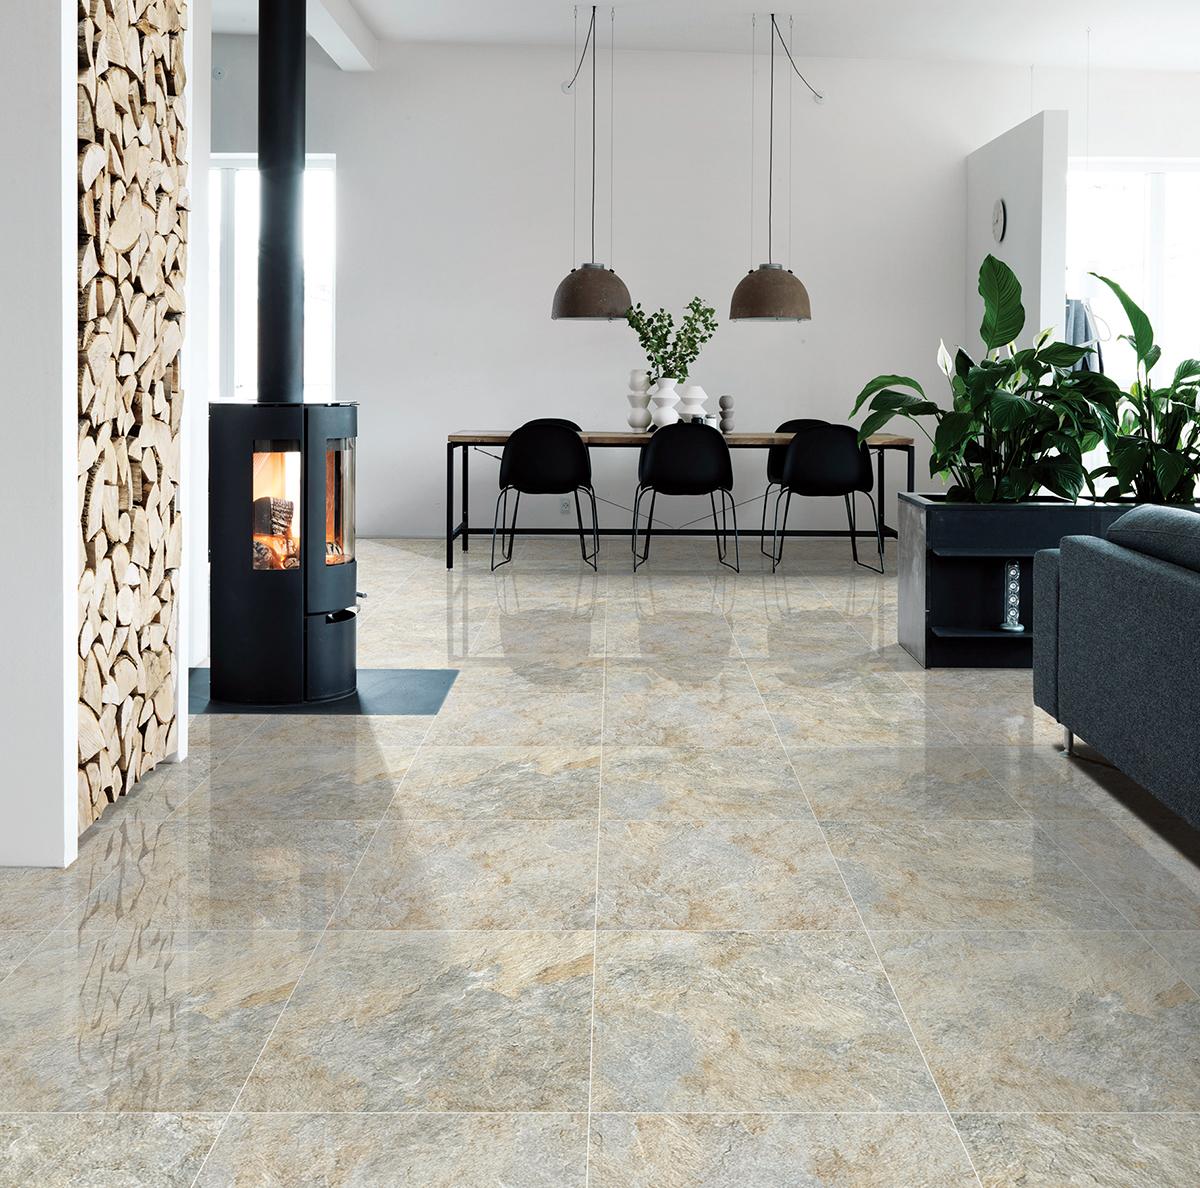 Gạch lát nền Viglacera 60x60 lý tưởng cho không gian nhà bạn?